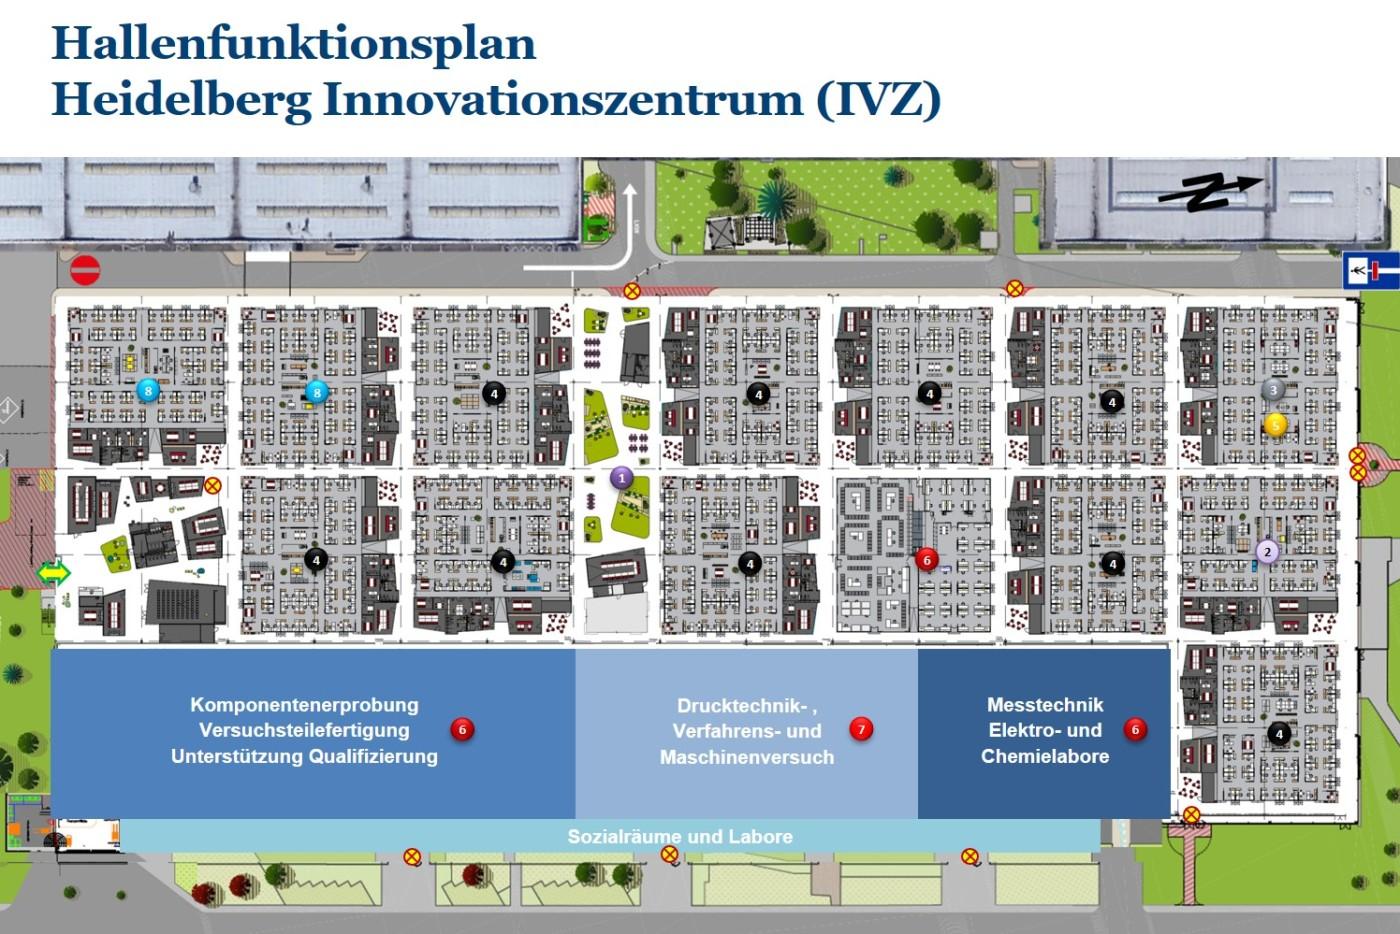 20181213_5_Heidelberg_Innovation_Center_Hall_plan